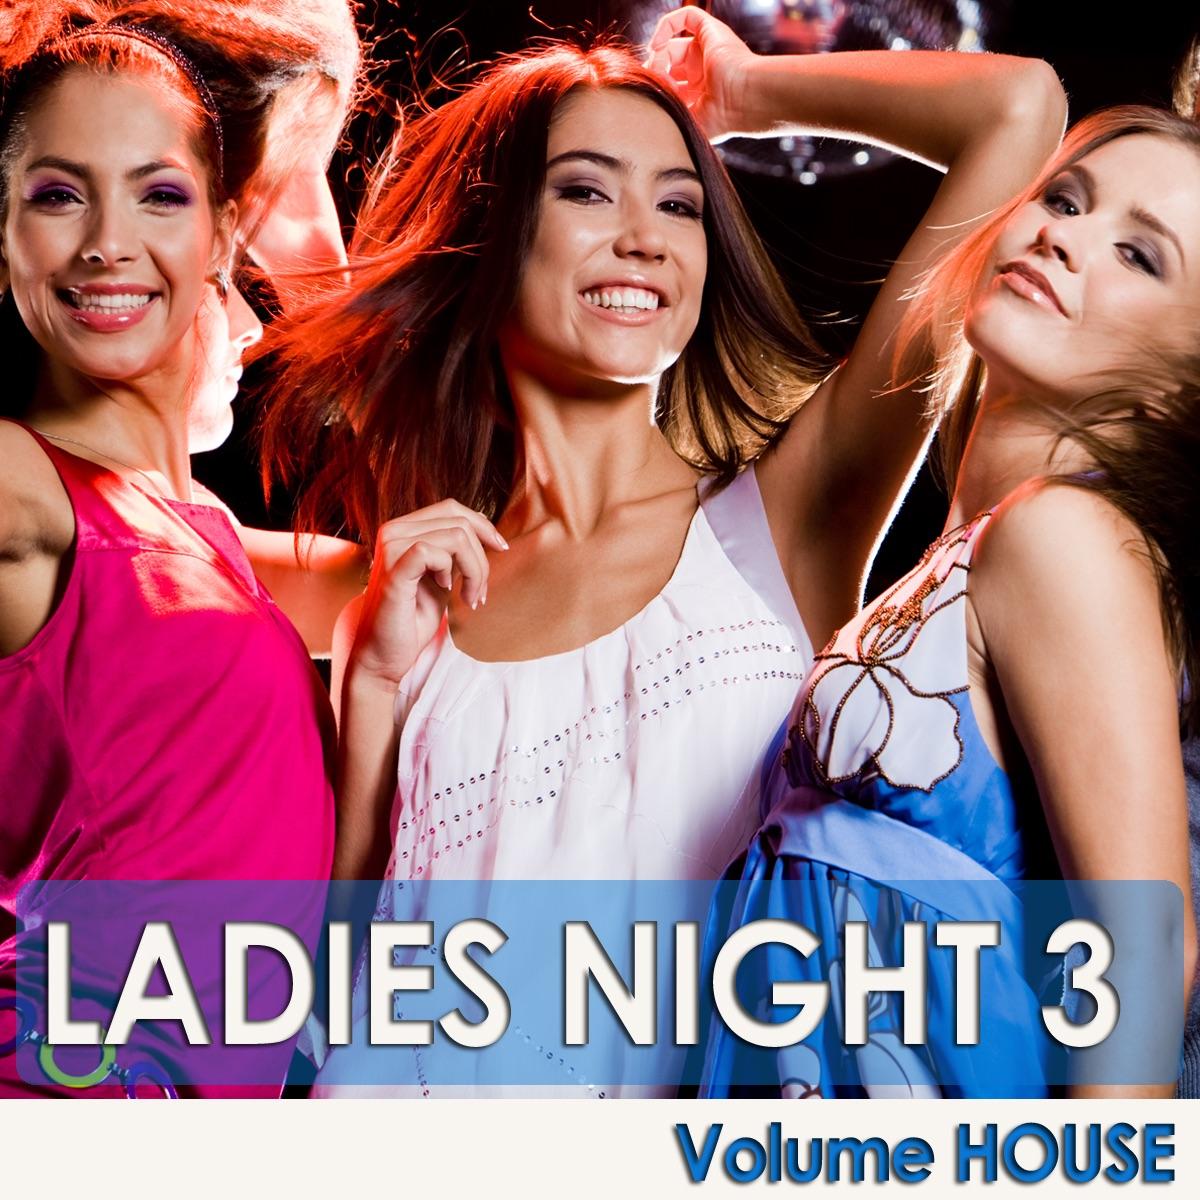 Тусовки девчонок в ночных клубах 22 фотография